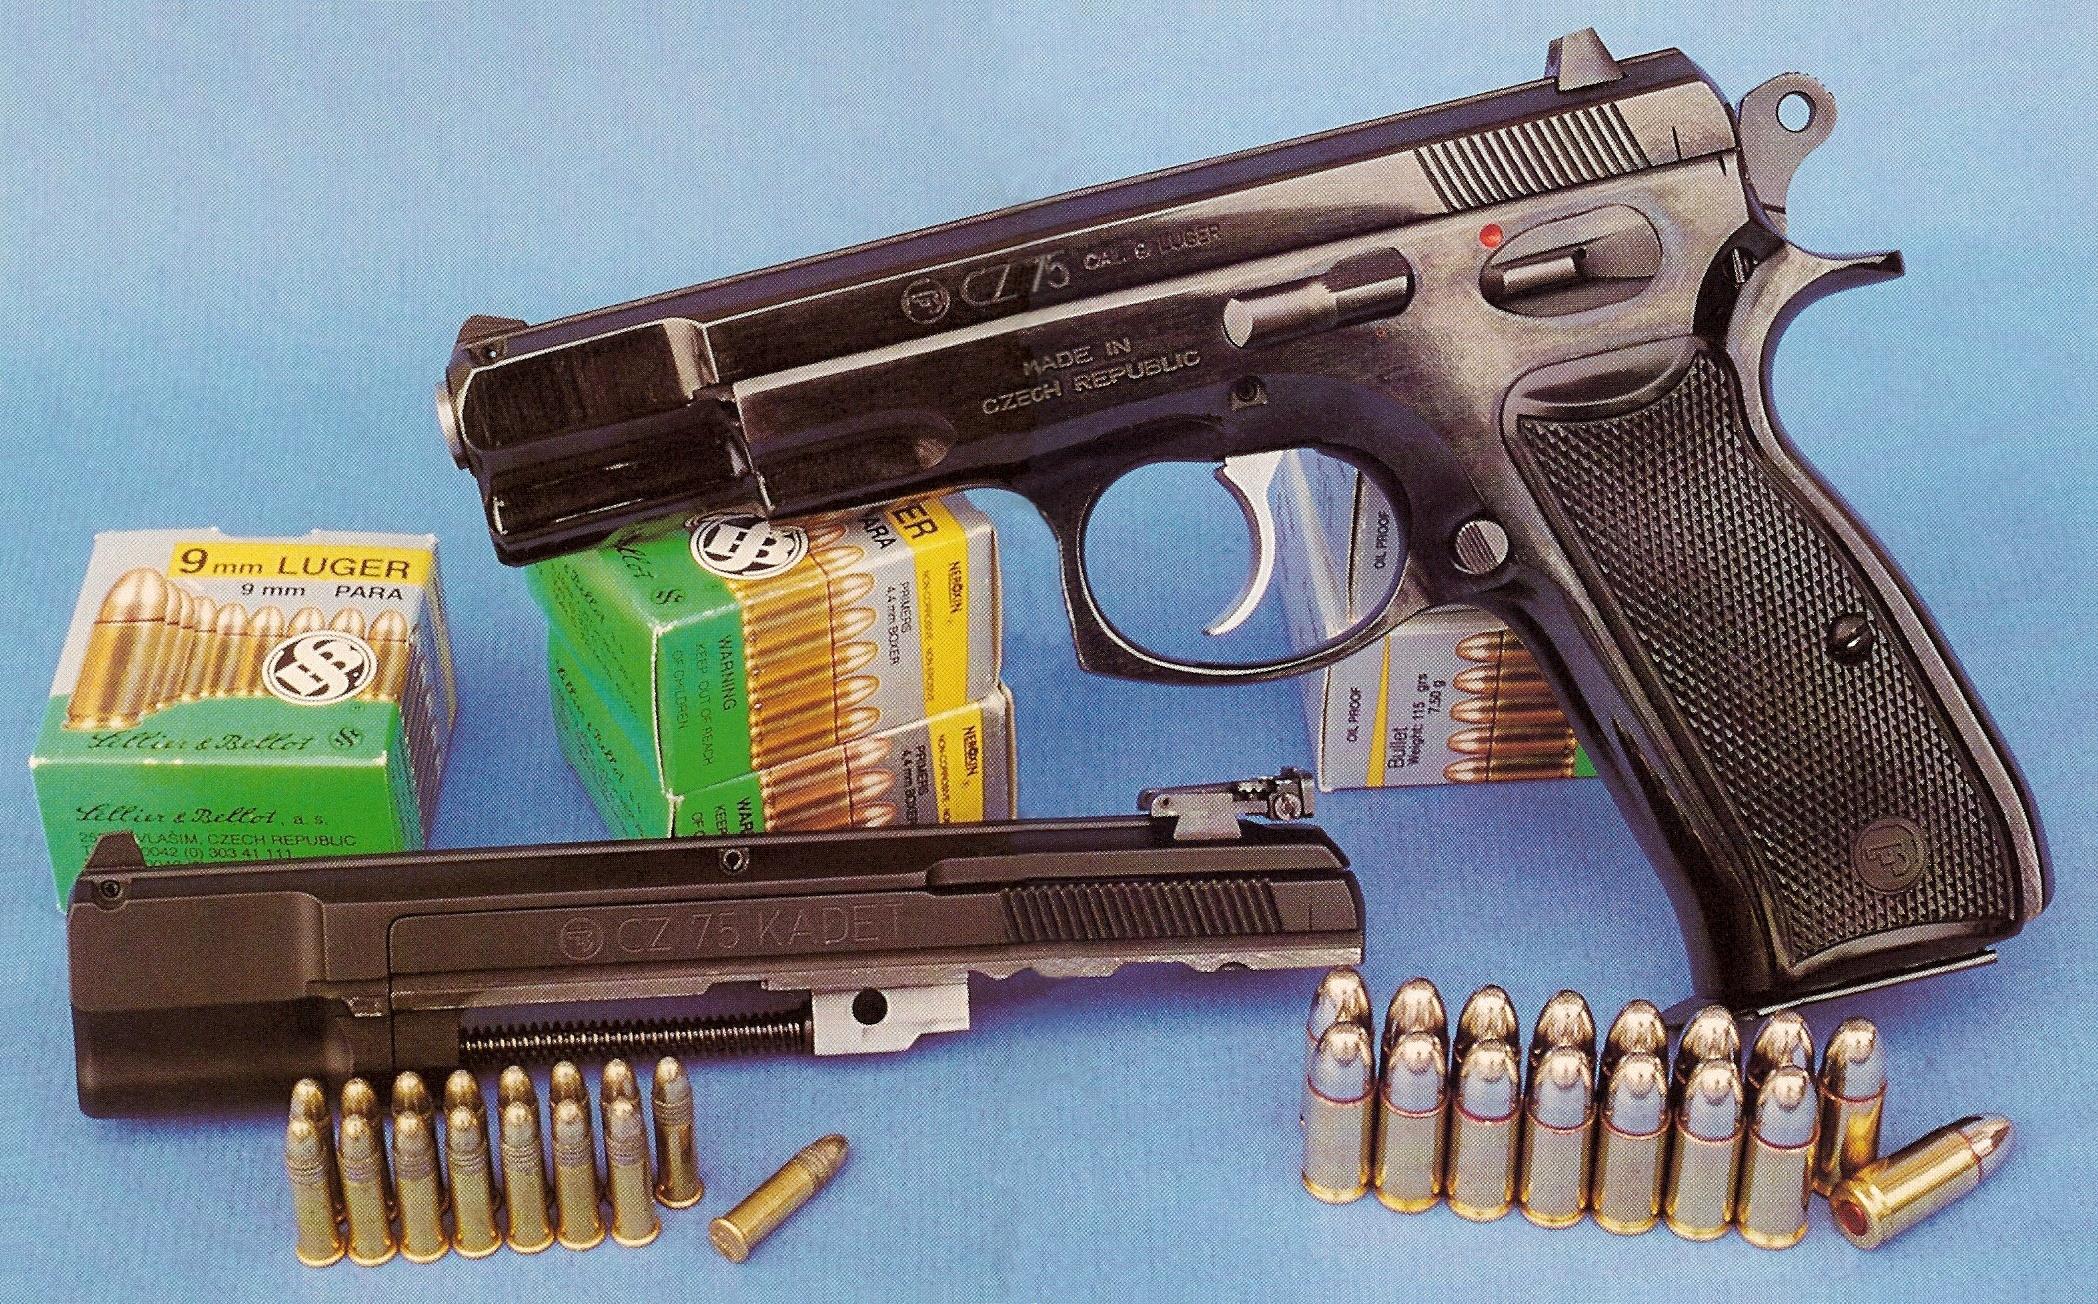 Le pistolet CZ 75 en calibre 9 mm Parabellum, accompagné par sa conversion CZ 75 Kadet en calibre .22 Long Rifle.